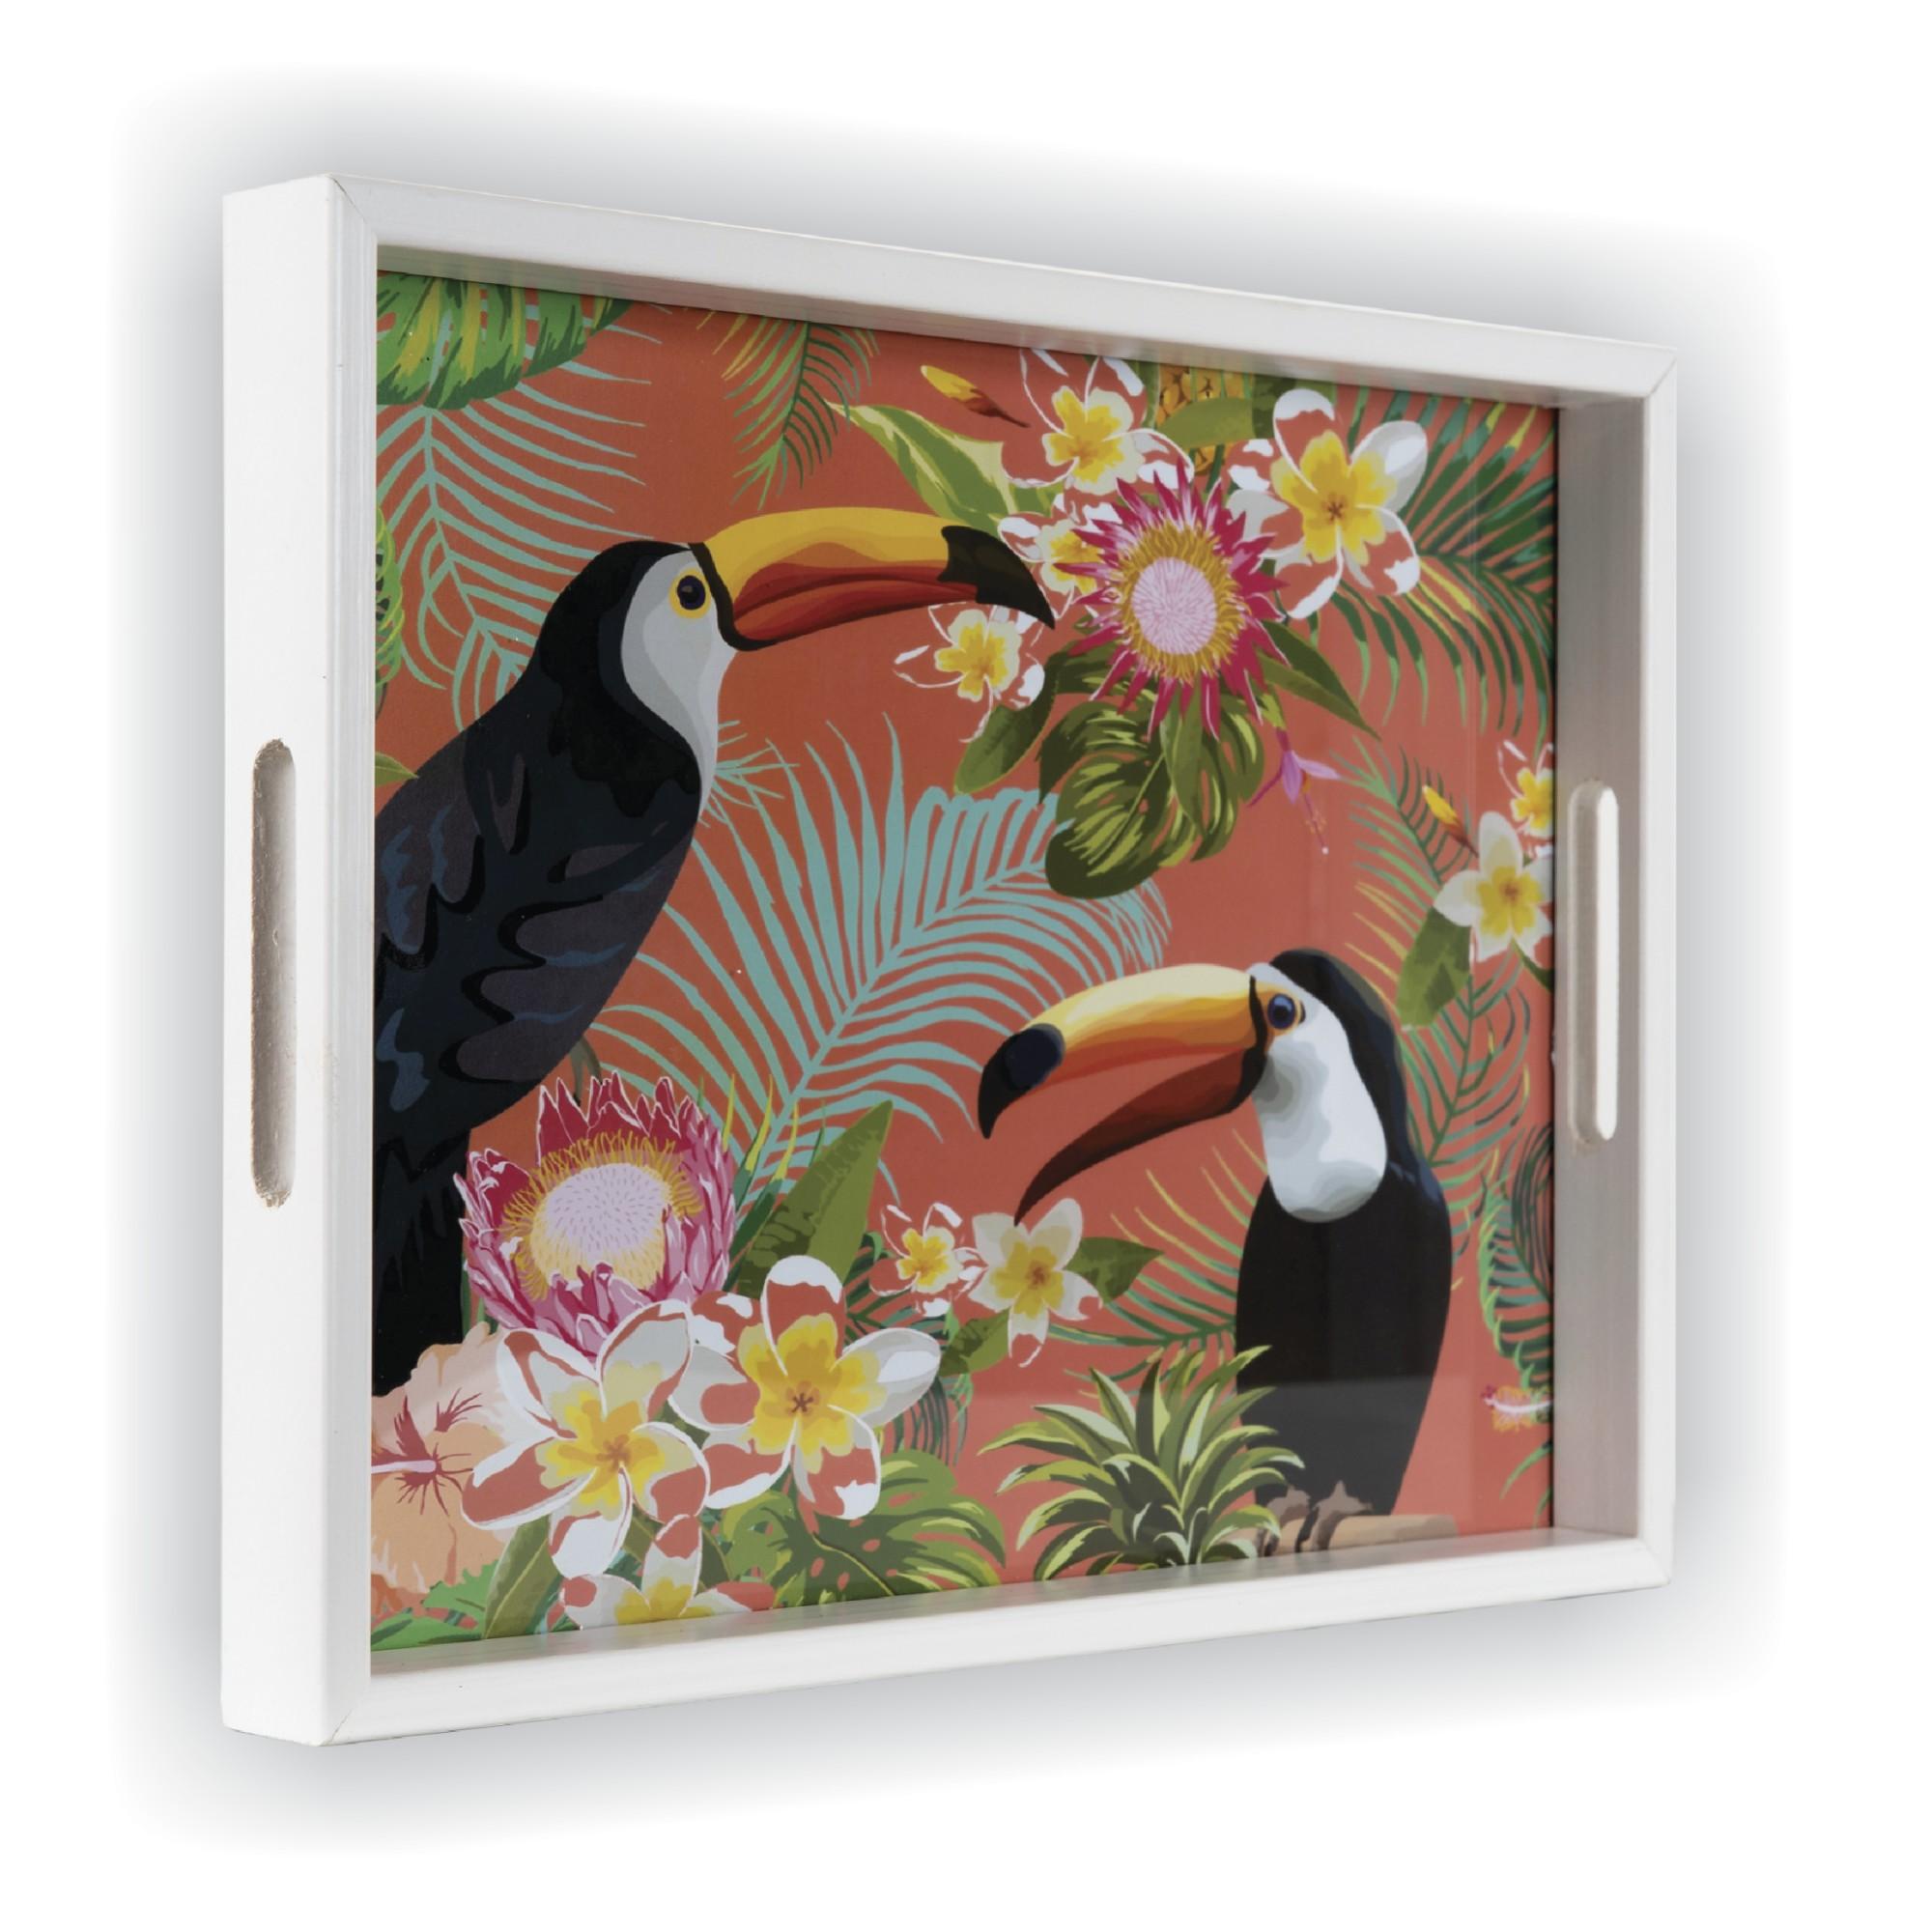 Bandeja Luxo Retangular de Madeira 25x35cm com Alca - 3538 - Art Frame